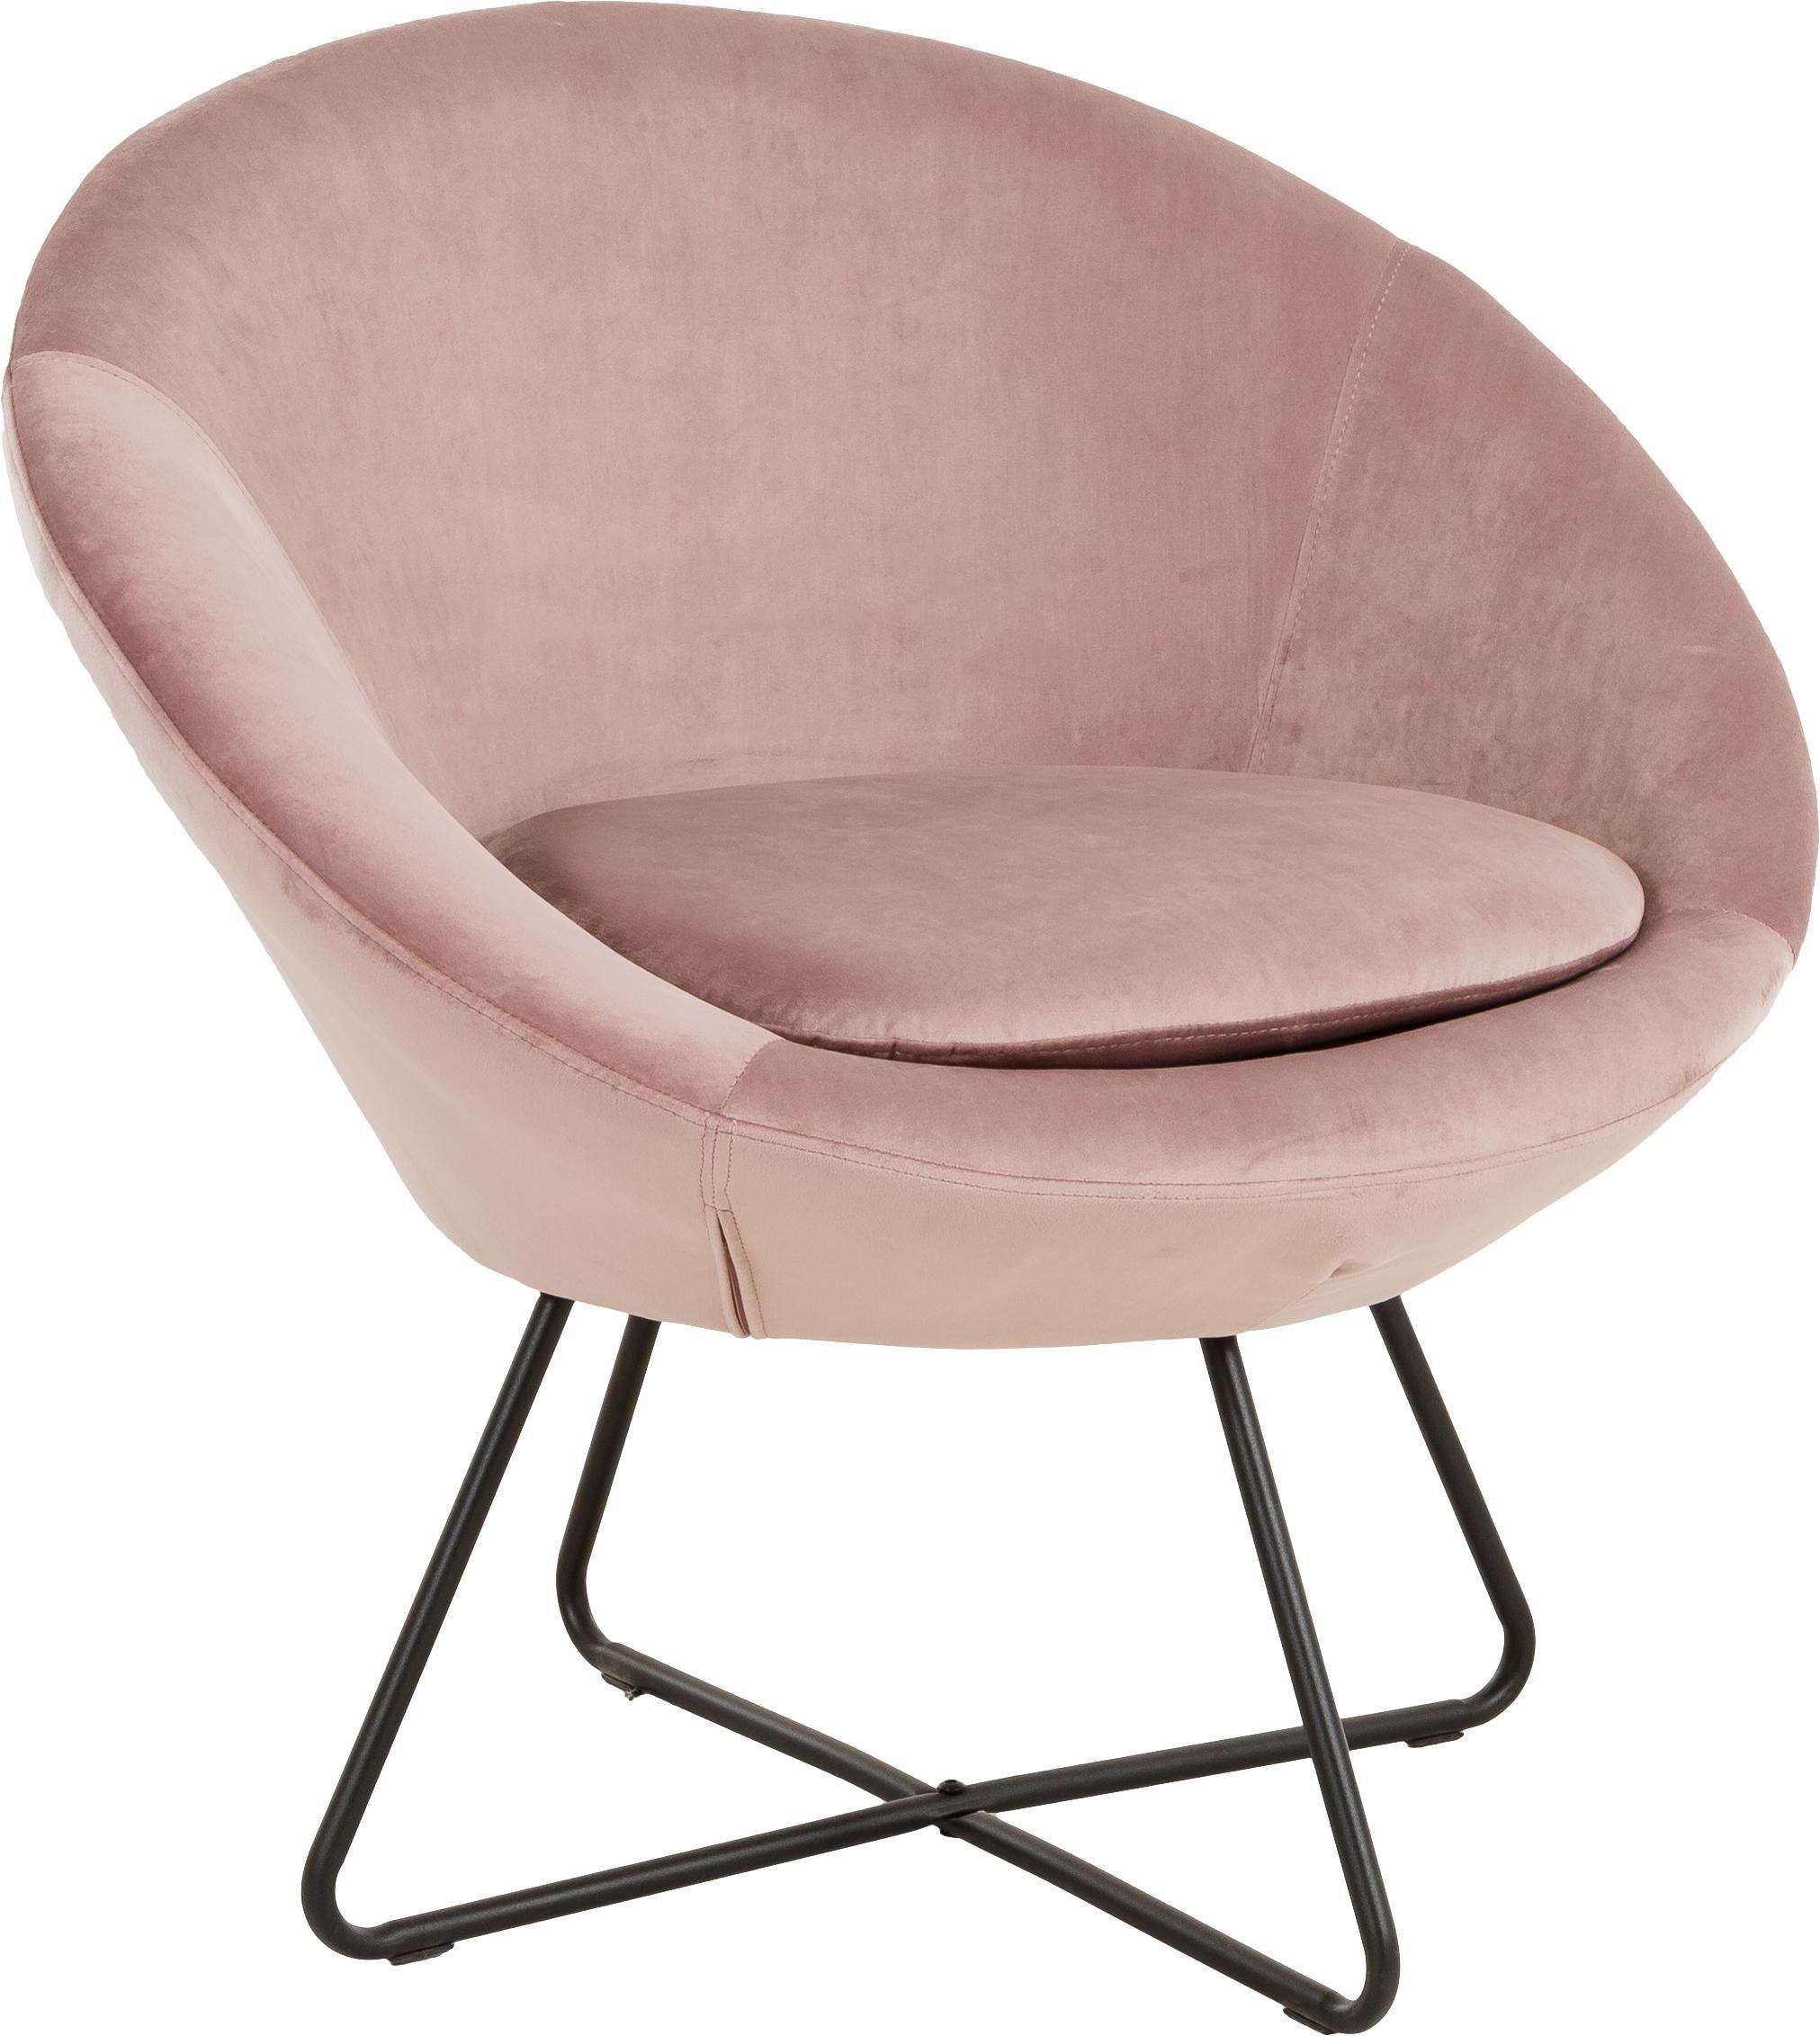 Poltrona in velluto in rosa cipria Center, Rivestimento: velluto di poliestere 25., Gambe: metallo verniciato a polv, Rosa cipria, Larg. 82 x Prof. 73 cm